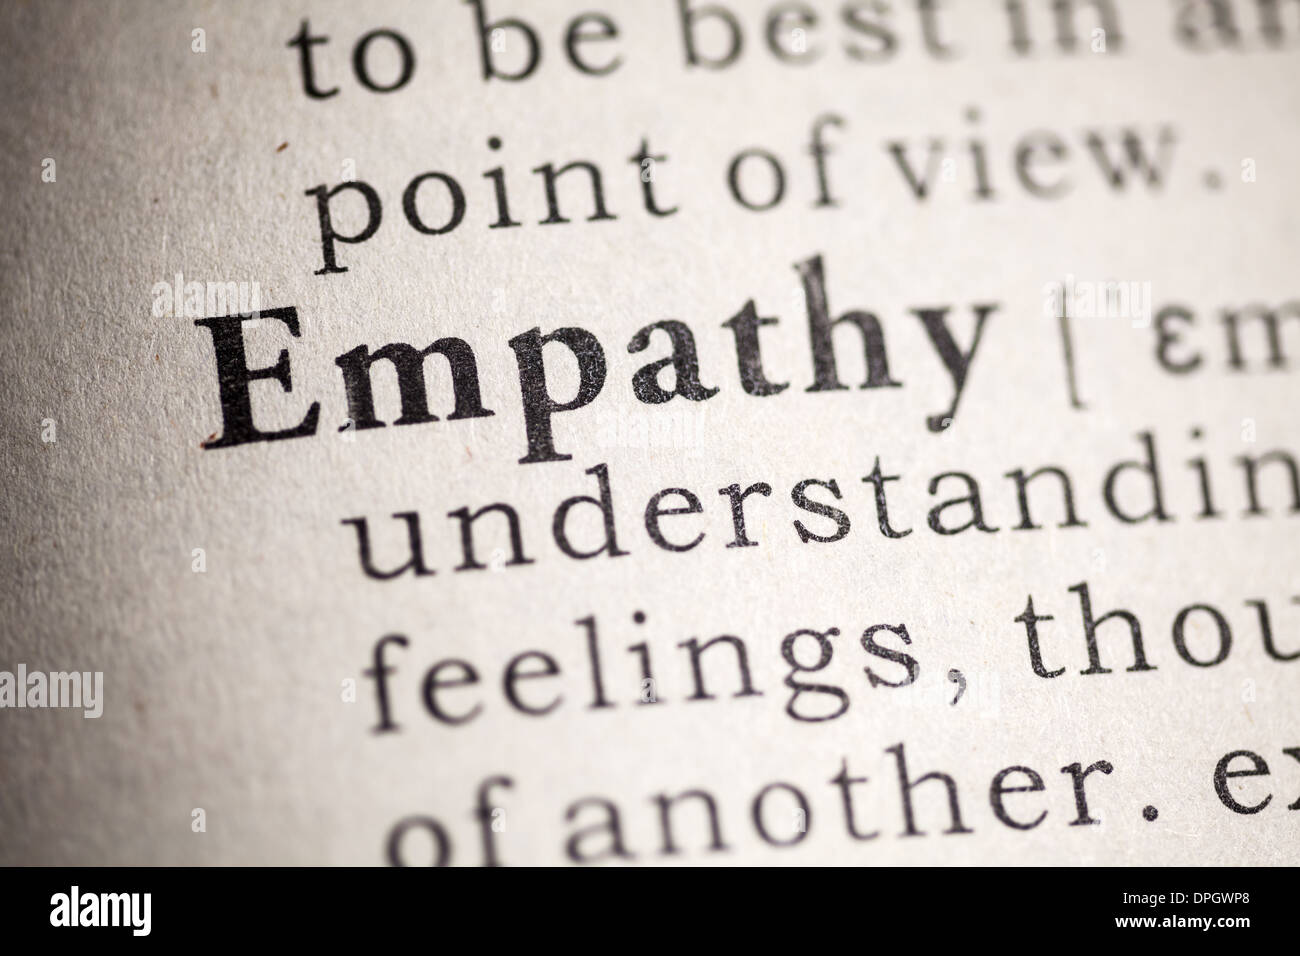 Diccionario de falsos, diccionario Definición de empatía. Imagen De Stock